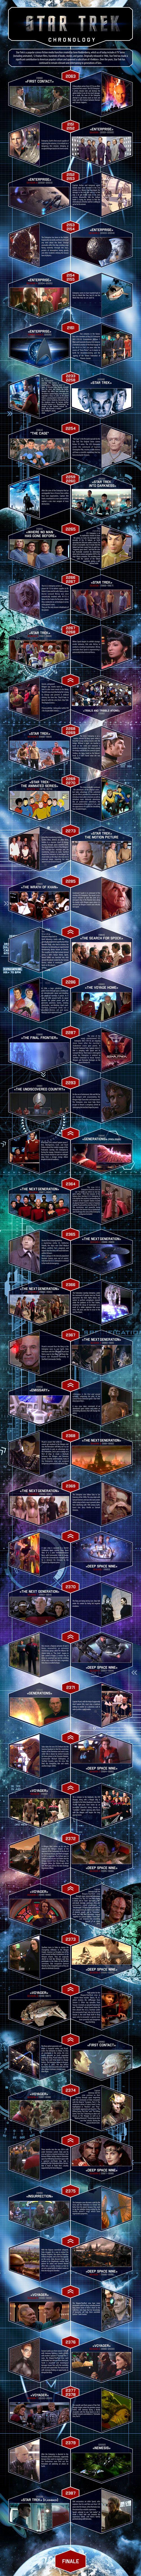 Star Trek Universe Timeline : universe, timeline, Timeline, Episodes,, Series,